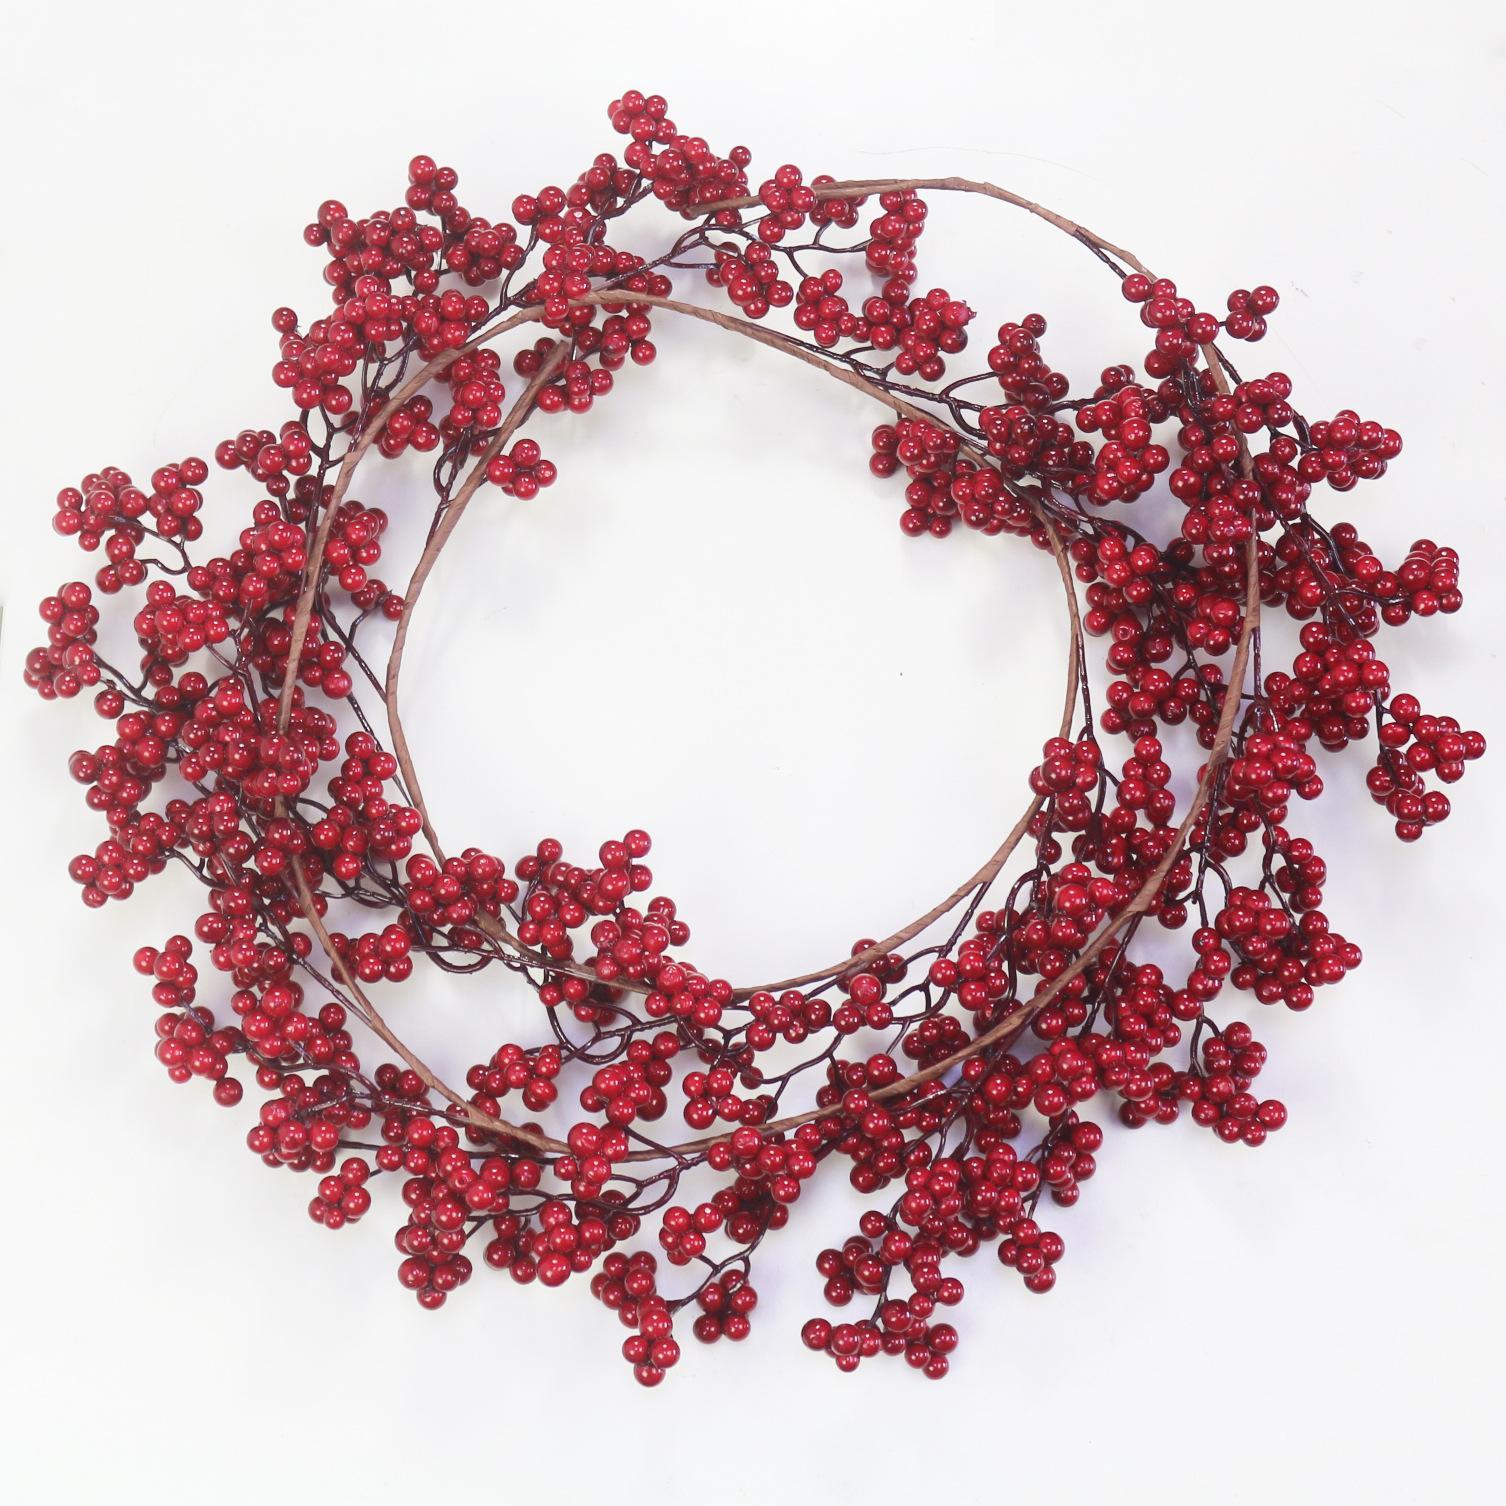 Bükülebilir ile Red Berry Garland Noel Dekorasyon Yapay Red Berry Garland Tatil Şömine Merdiven Masa Süslemeleri için Stems